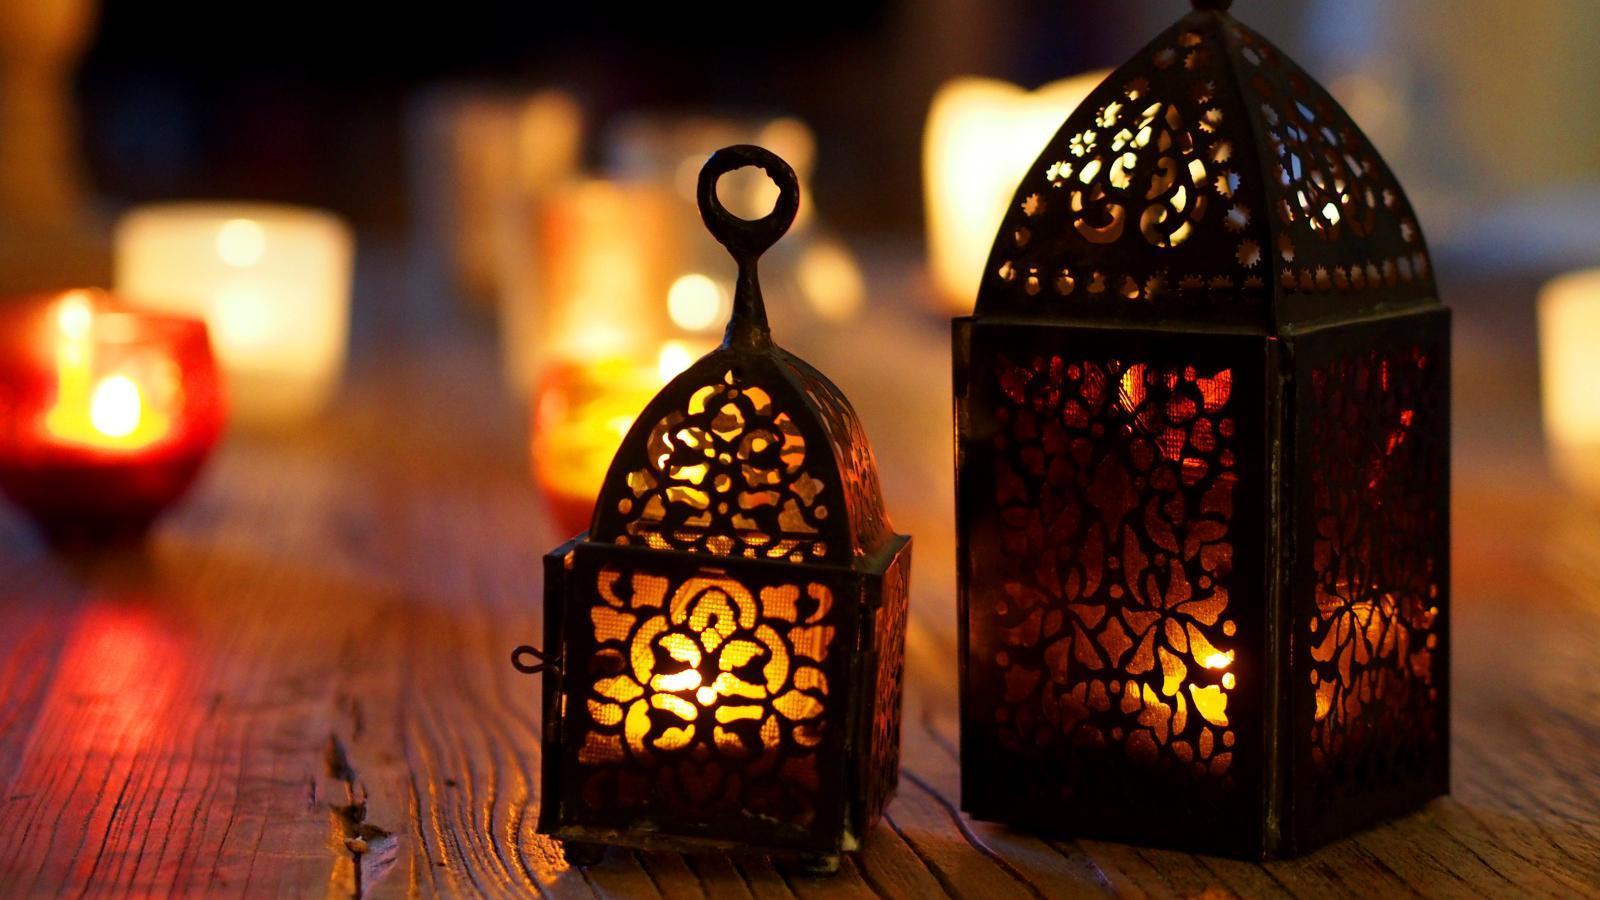 فوانيس شهر رمضان والزينة منين تشتري الأجمل والأرخص وتستمتع بفن بجد -فانوس-رمضان2016-2